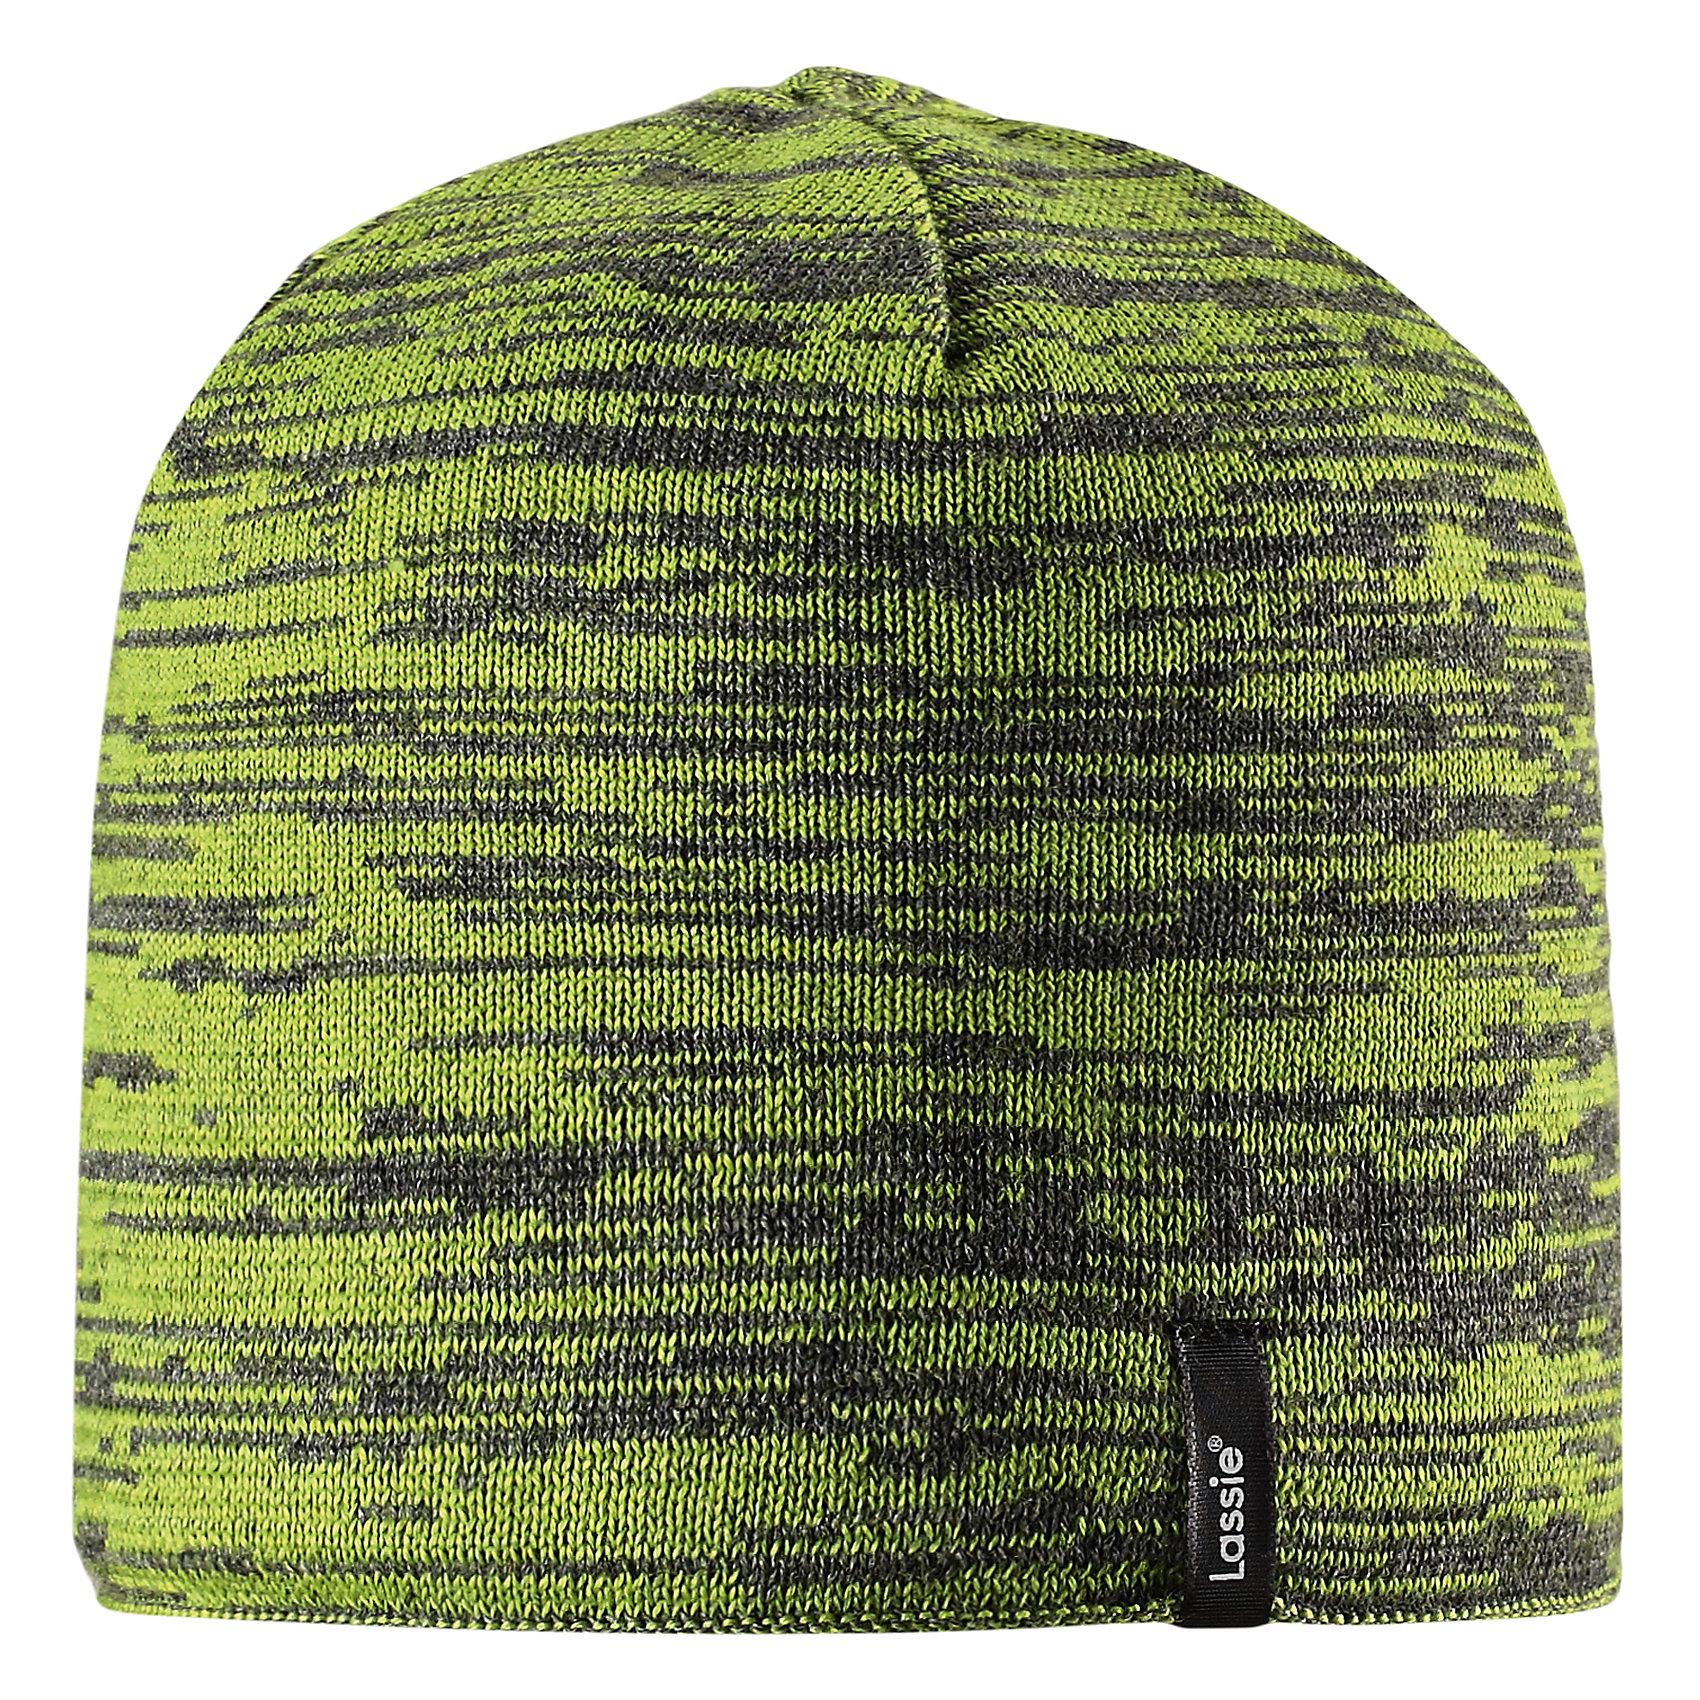 Шапка Lassie для мальчикаШапки и шарфы<br>Характеристики товара:<br><br>• цвет: зеленый;<br>• состав: 50% шерсть, 50% полиакрил;<br>• подкладка: 100% полиэстер, флис;<br>• без утеплителя;<br>• сезон: демисезон;<br>• температурный режим: от +5С;<br>• особенности: шерстяная, вязаная;<br>• мягкая и теплая ткань из смеси шерсти;<br>• ветронепроницаемые вставки в области ушей; <br>• сплошная подкладка: мягкий теплый флис;<br>• светоотражающие детали; <br>• страна бренда: Финляндия;<br>• страна изготовитель: Китай;<br><br>Эта модная шапка для мальчиков – великолепное дополнение к детскому зимнему гардеробу. Шапка связана из теплой полушерсти, дополнена быстросохнущей и мягкой флисовой подкладкой и снабжена ветронепроницаемыми вставками в области ушей, которые защищают ушки от холодного ветра. Светоотражающая эмблема Lassie®.<br><br>Шапку Lassie (Ласси) можно купить в нашем интернет-магазине.<br><br>Ширина мм: 89<br>Глубина мм: 117<br>Высота мм: 44<br>Вес г: 155<br>Цвет: зеленый<br>Возраст от месяцев: 12<br>Возраст до месяцев: 24<br>Пол: Мужской<br>Возраст: Детский<br>Размер: 46-48,54-56,50-52<br>SKU: 6928133